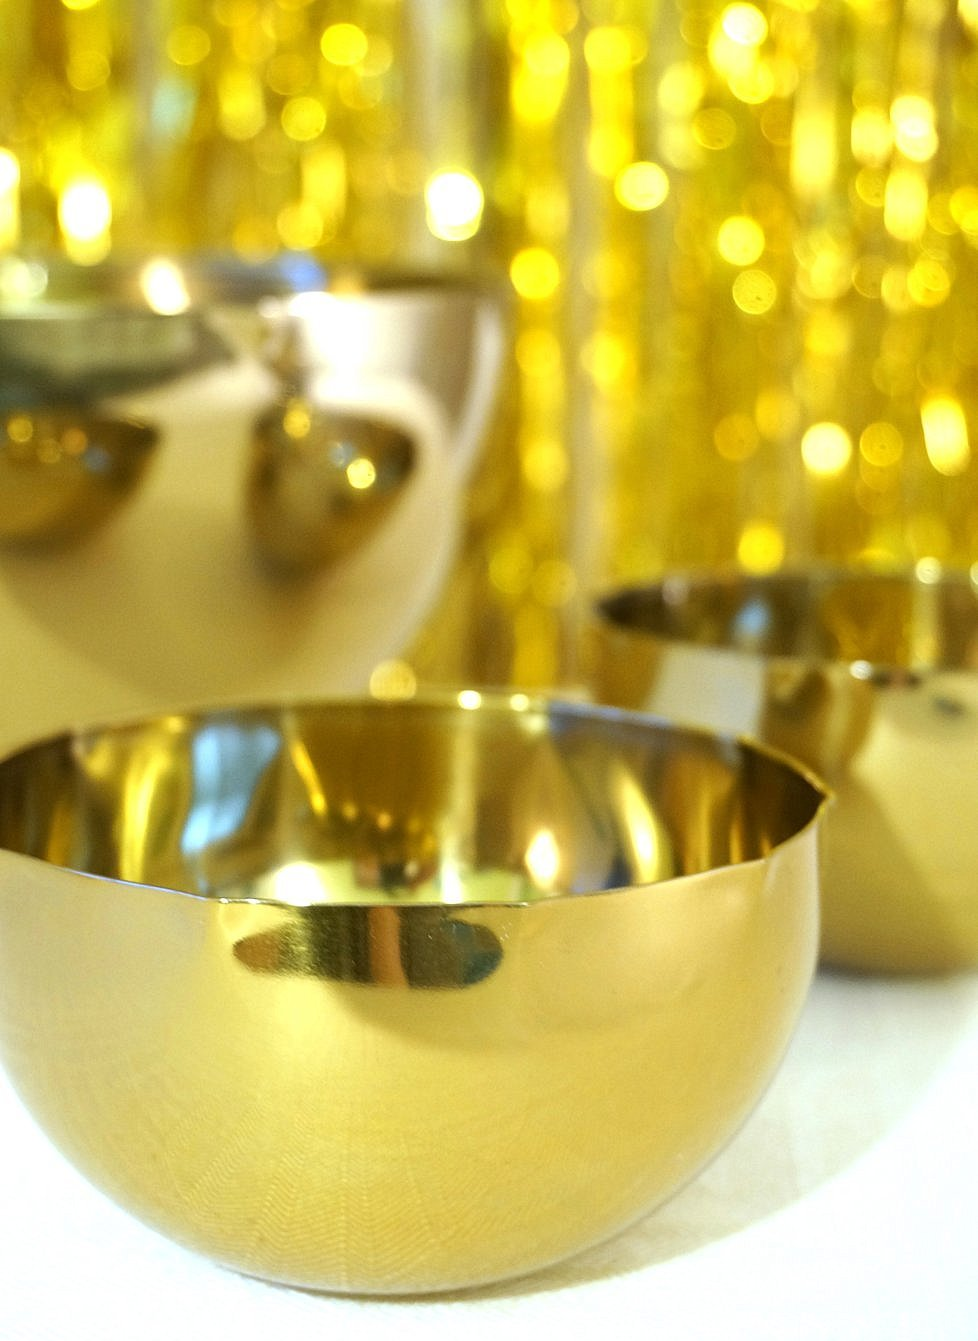 Brassy bowls add holiday cheer